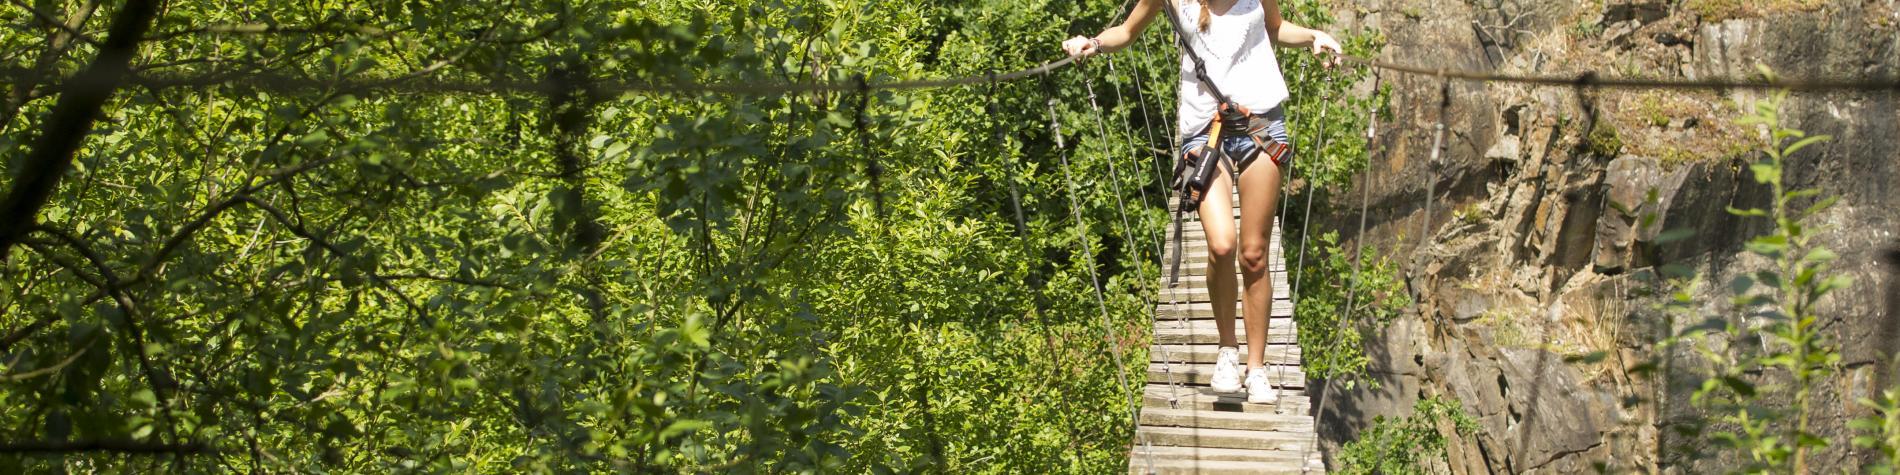 WANT Wallonie Aventure Nature Tourisme, le pont suspendu